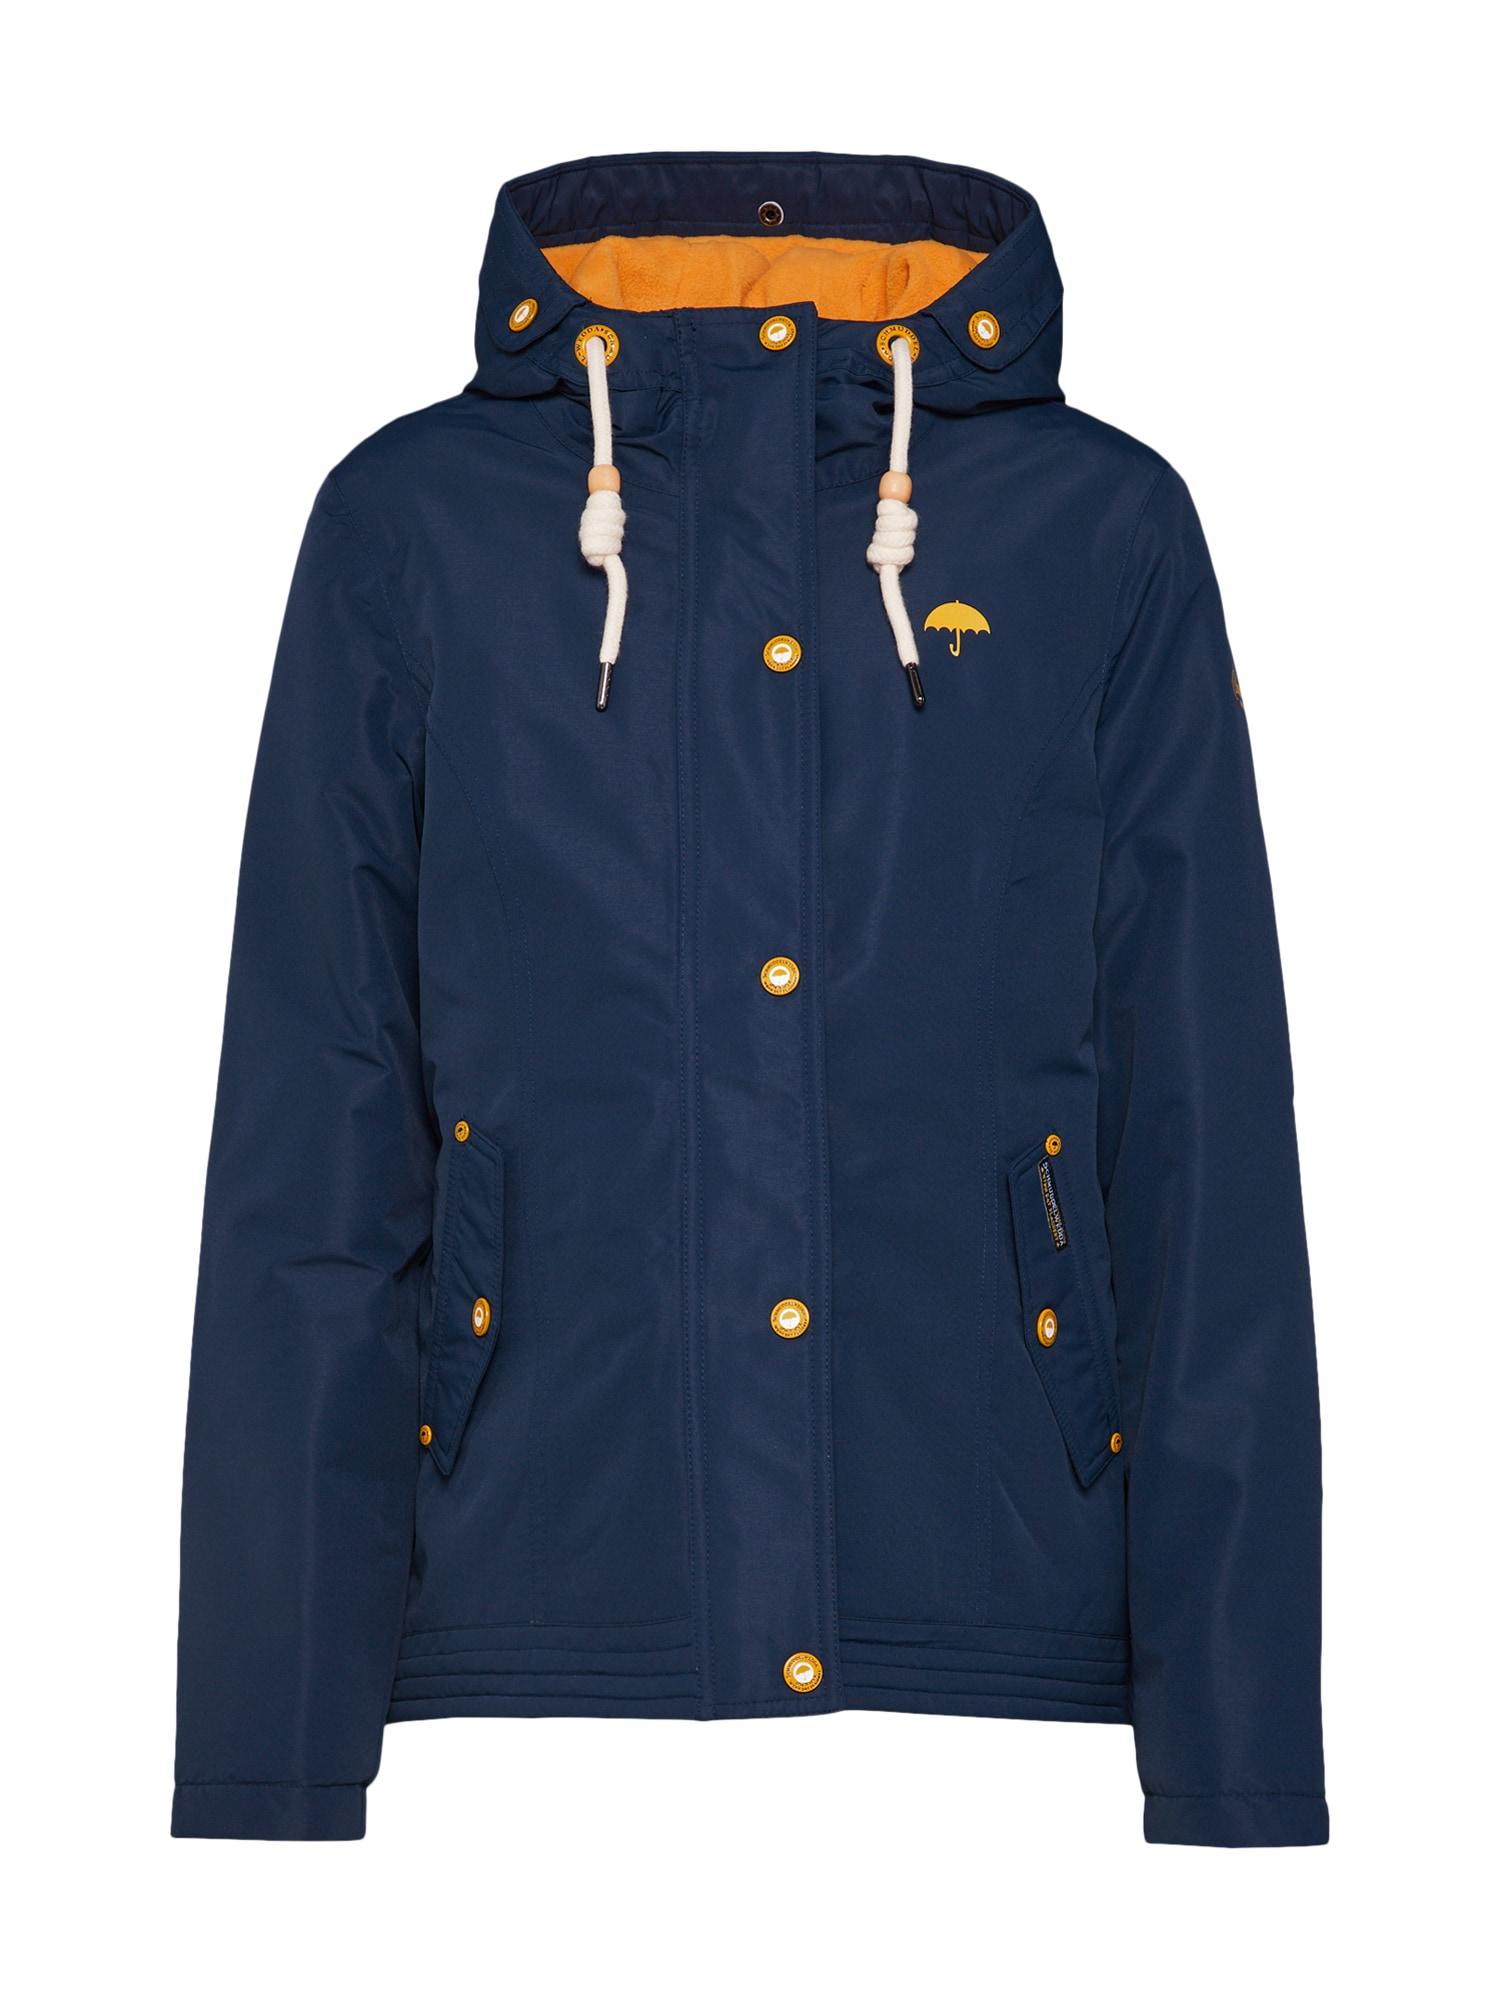 Zimní bunda marine modrá tmavě modrá Schmuddelwedda